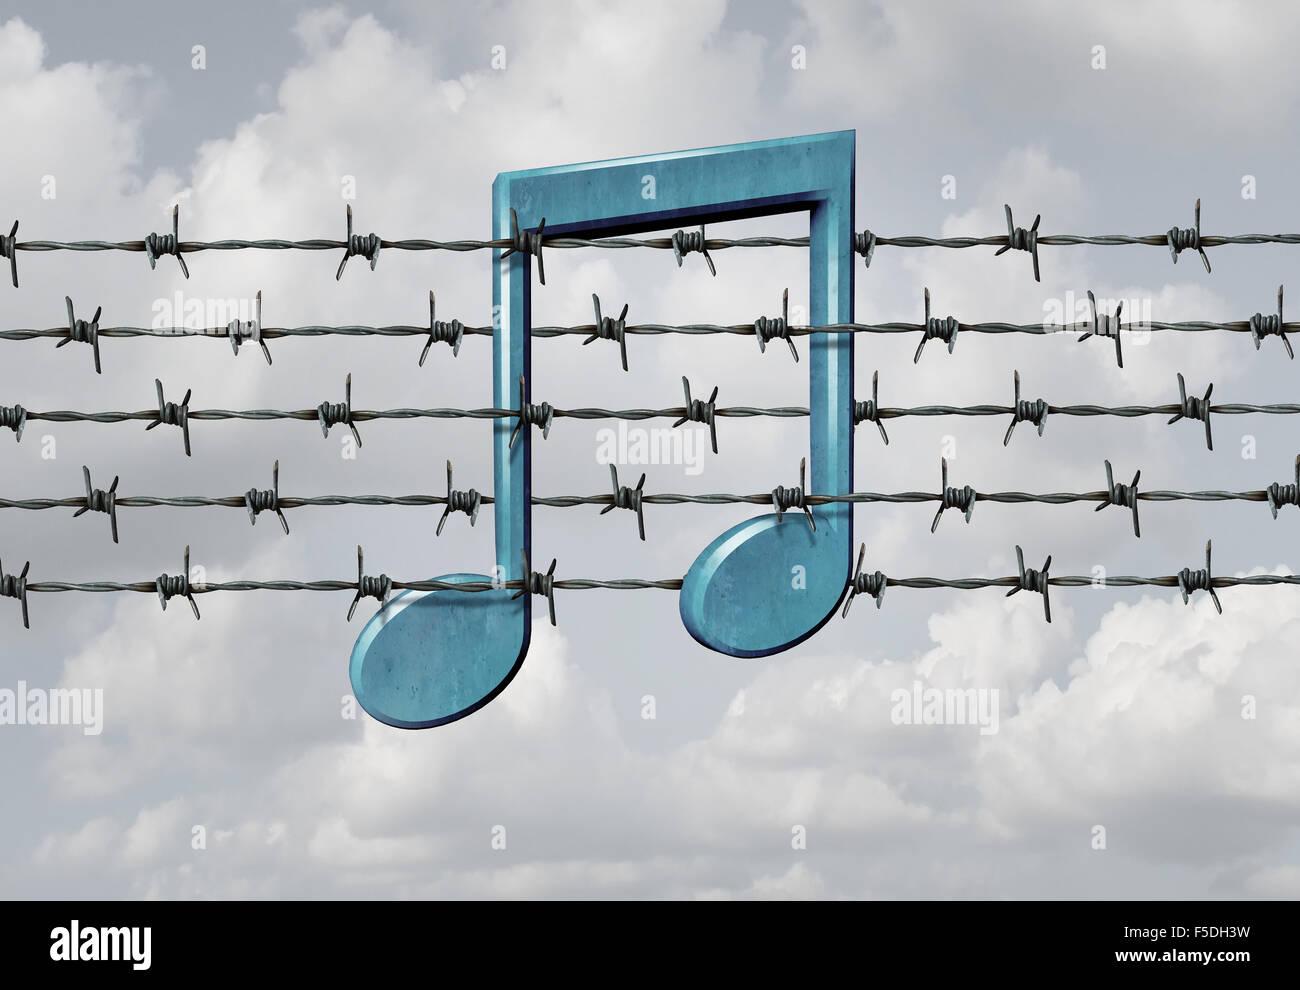 La censura dei media il concetto di musica e di restrizione come simbolo di una nota musicale su un dentino o filo Immagini Stock